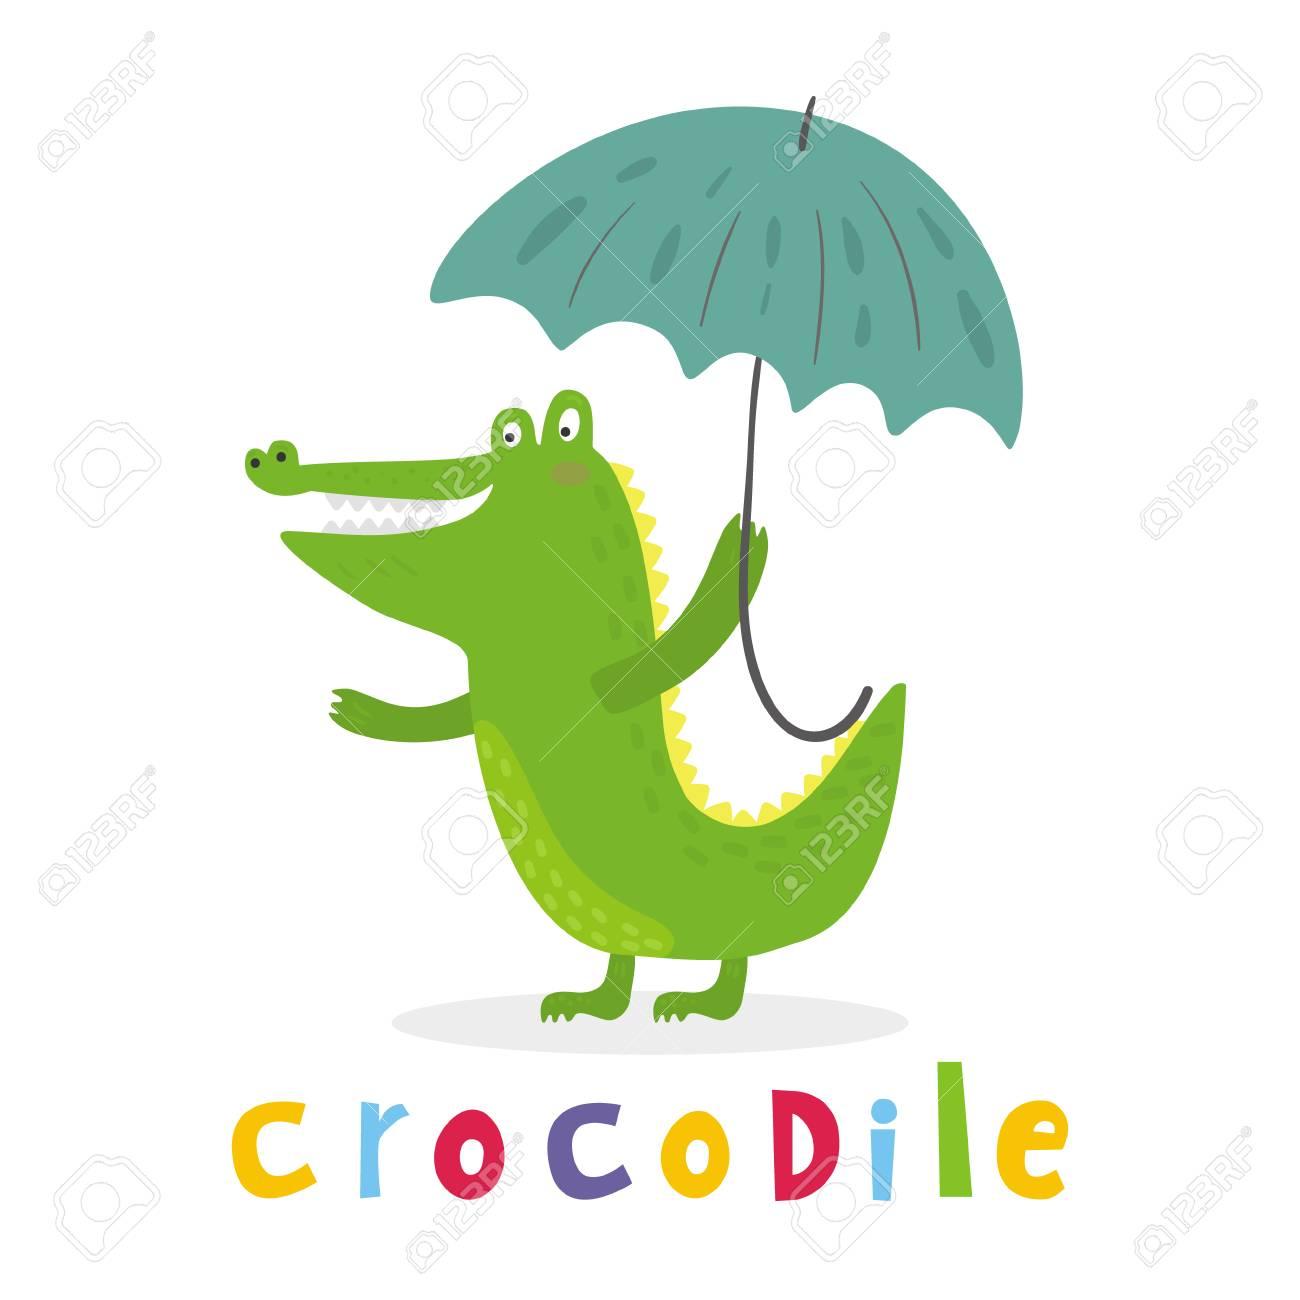 Gemütlich Druckbare Regenschirm Vorlage Bilder - Entry Level Resume ...